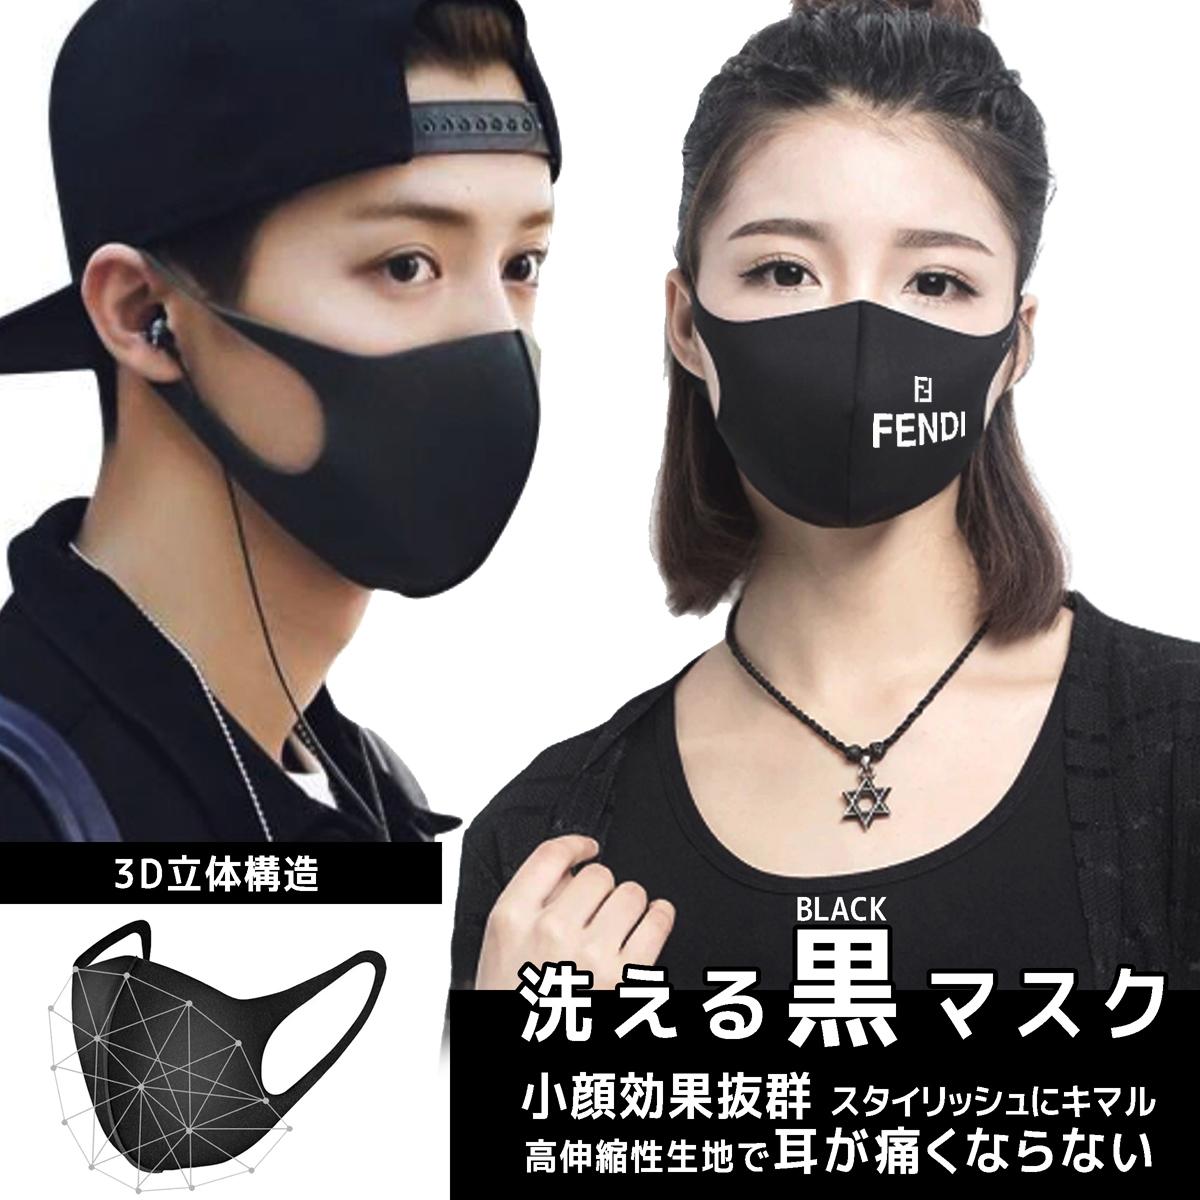 フェンディブランド布マスク春夏3D立体マスク